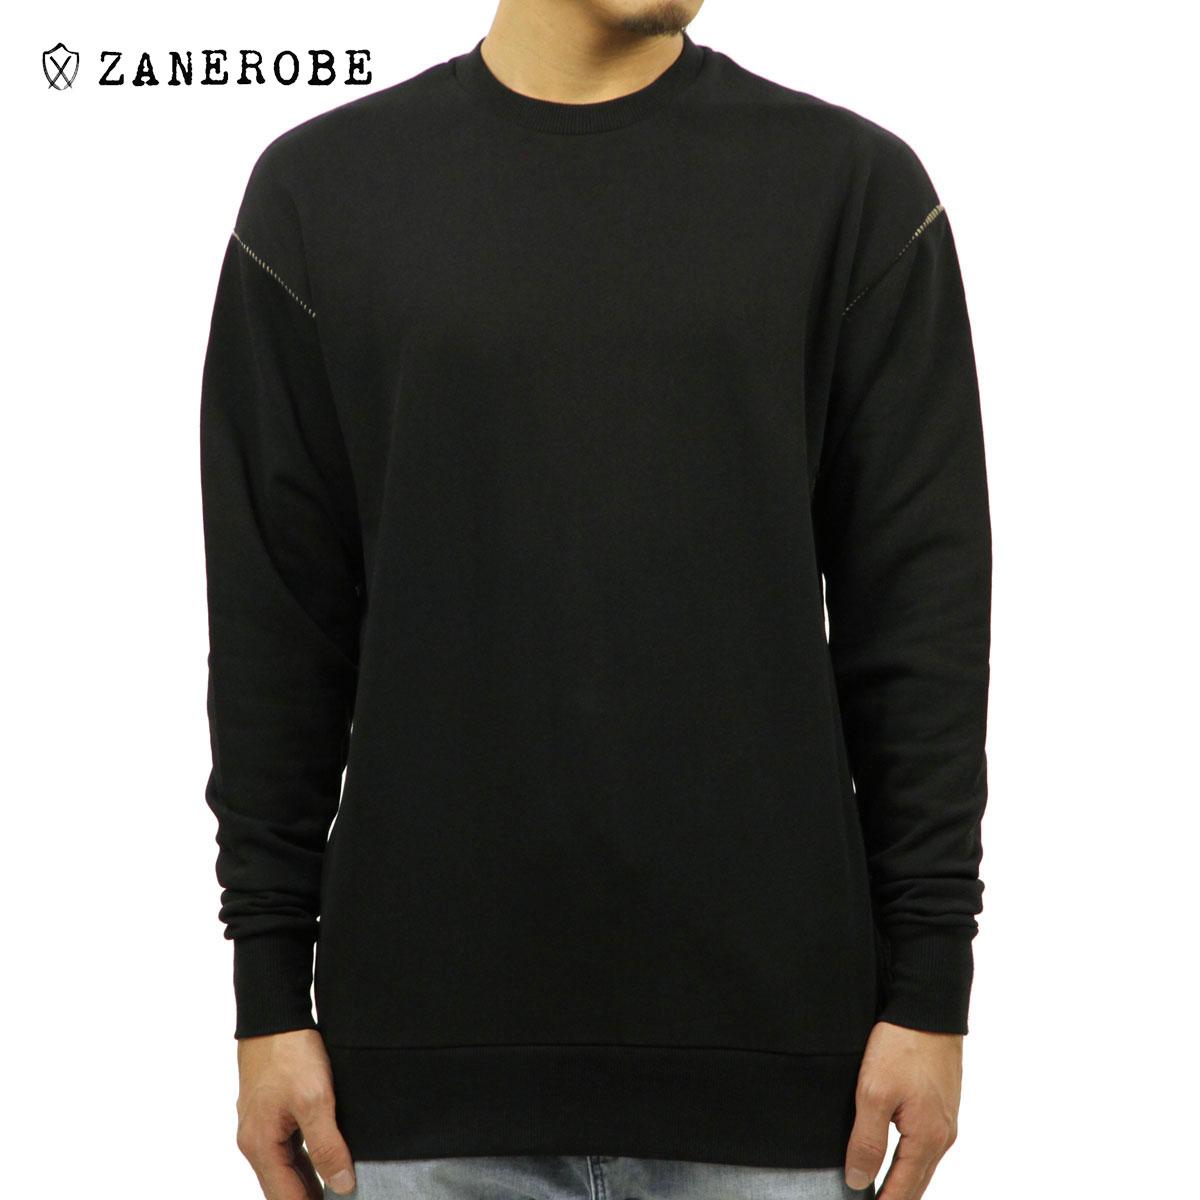 ゼンローブ ZANEROBE 正規販売店 メンズ スウェット RUGGER CREW SWEAT 402-TDK BLACK